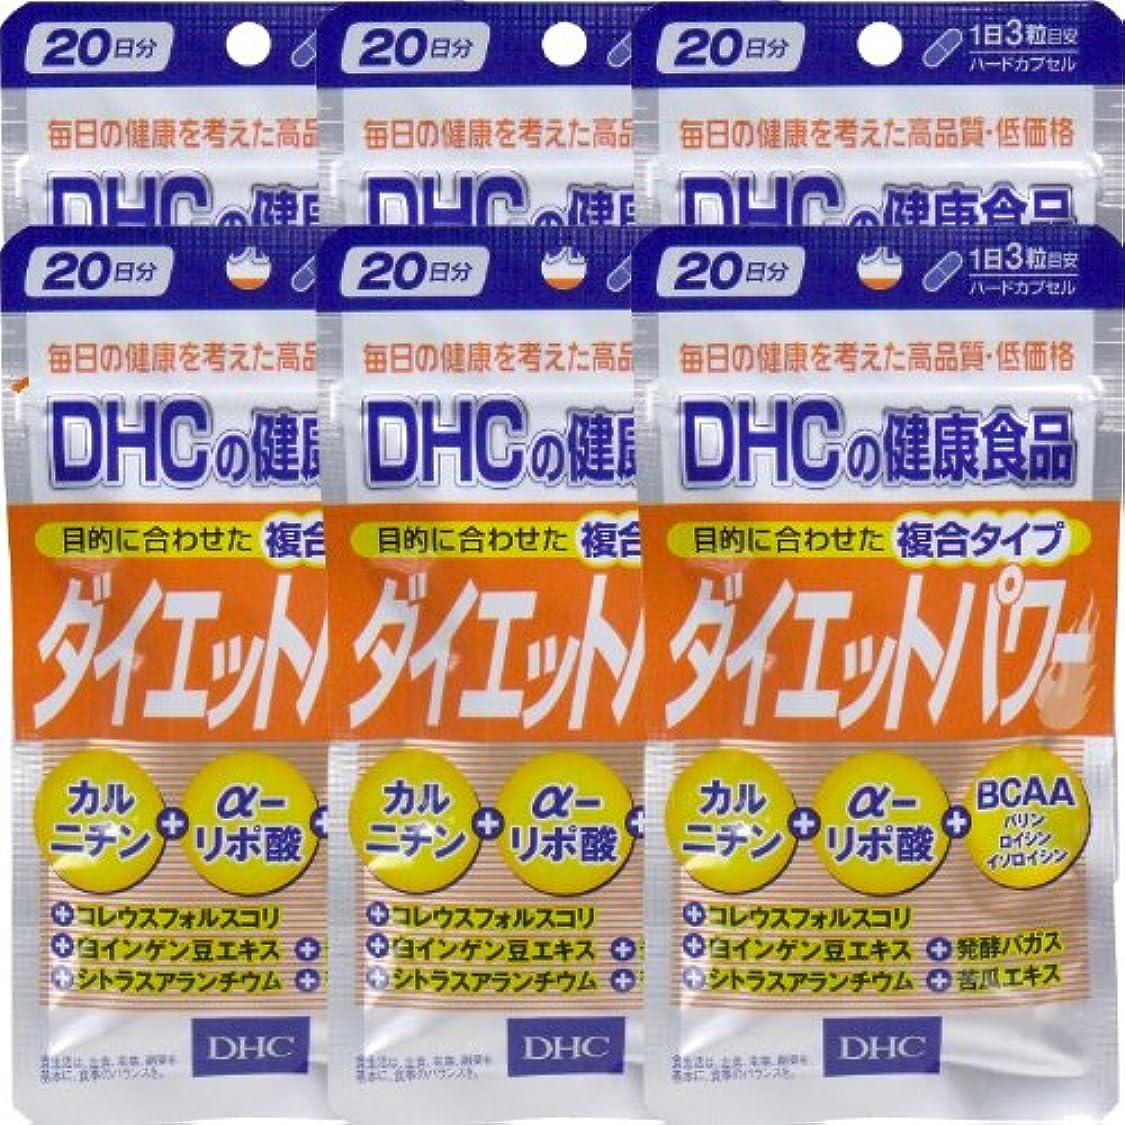 疲れたイブニング遠足DHC ダイエットパワー 20日分(60粒) ×6個